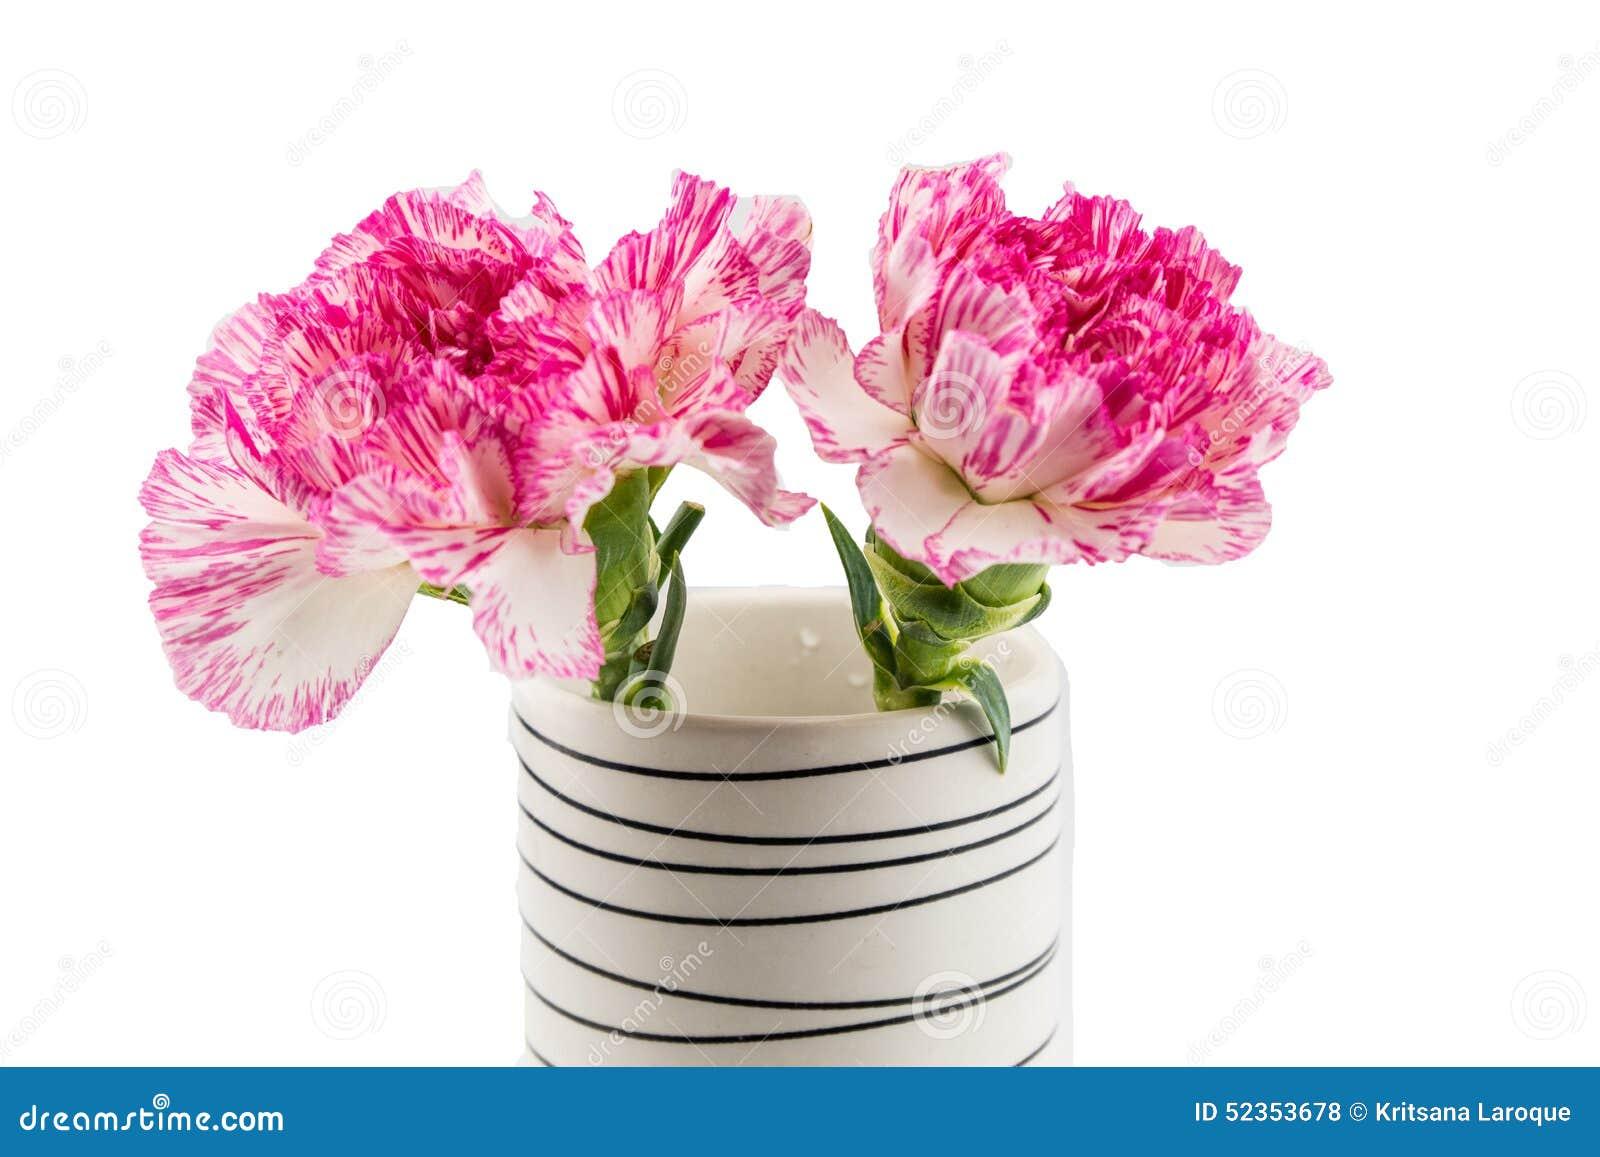 Beautiful pink flower in blackwhite vase on white background beautiful pink flower in blackwhite vase on white background reviewsmspy